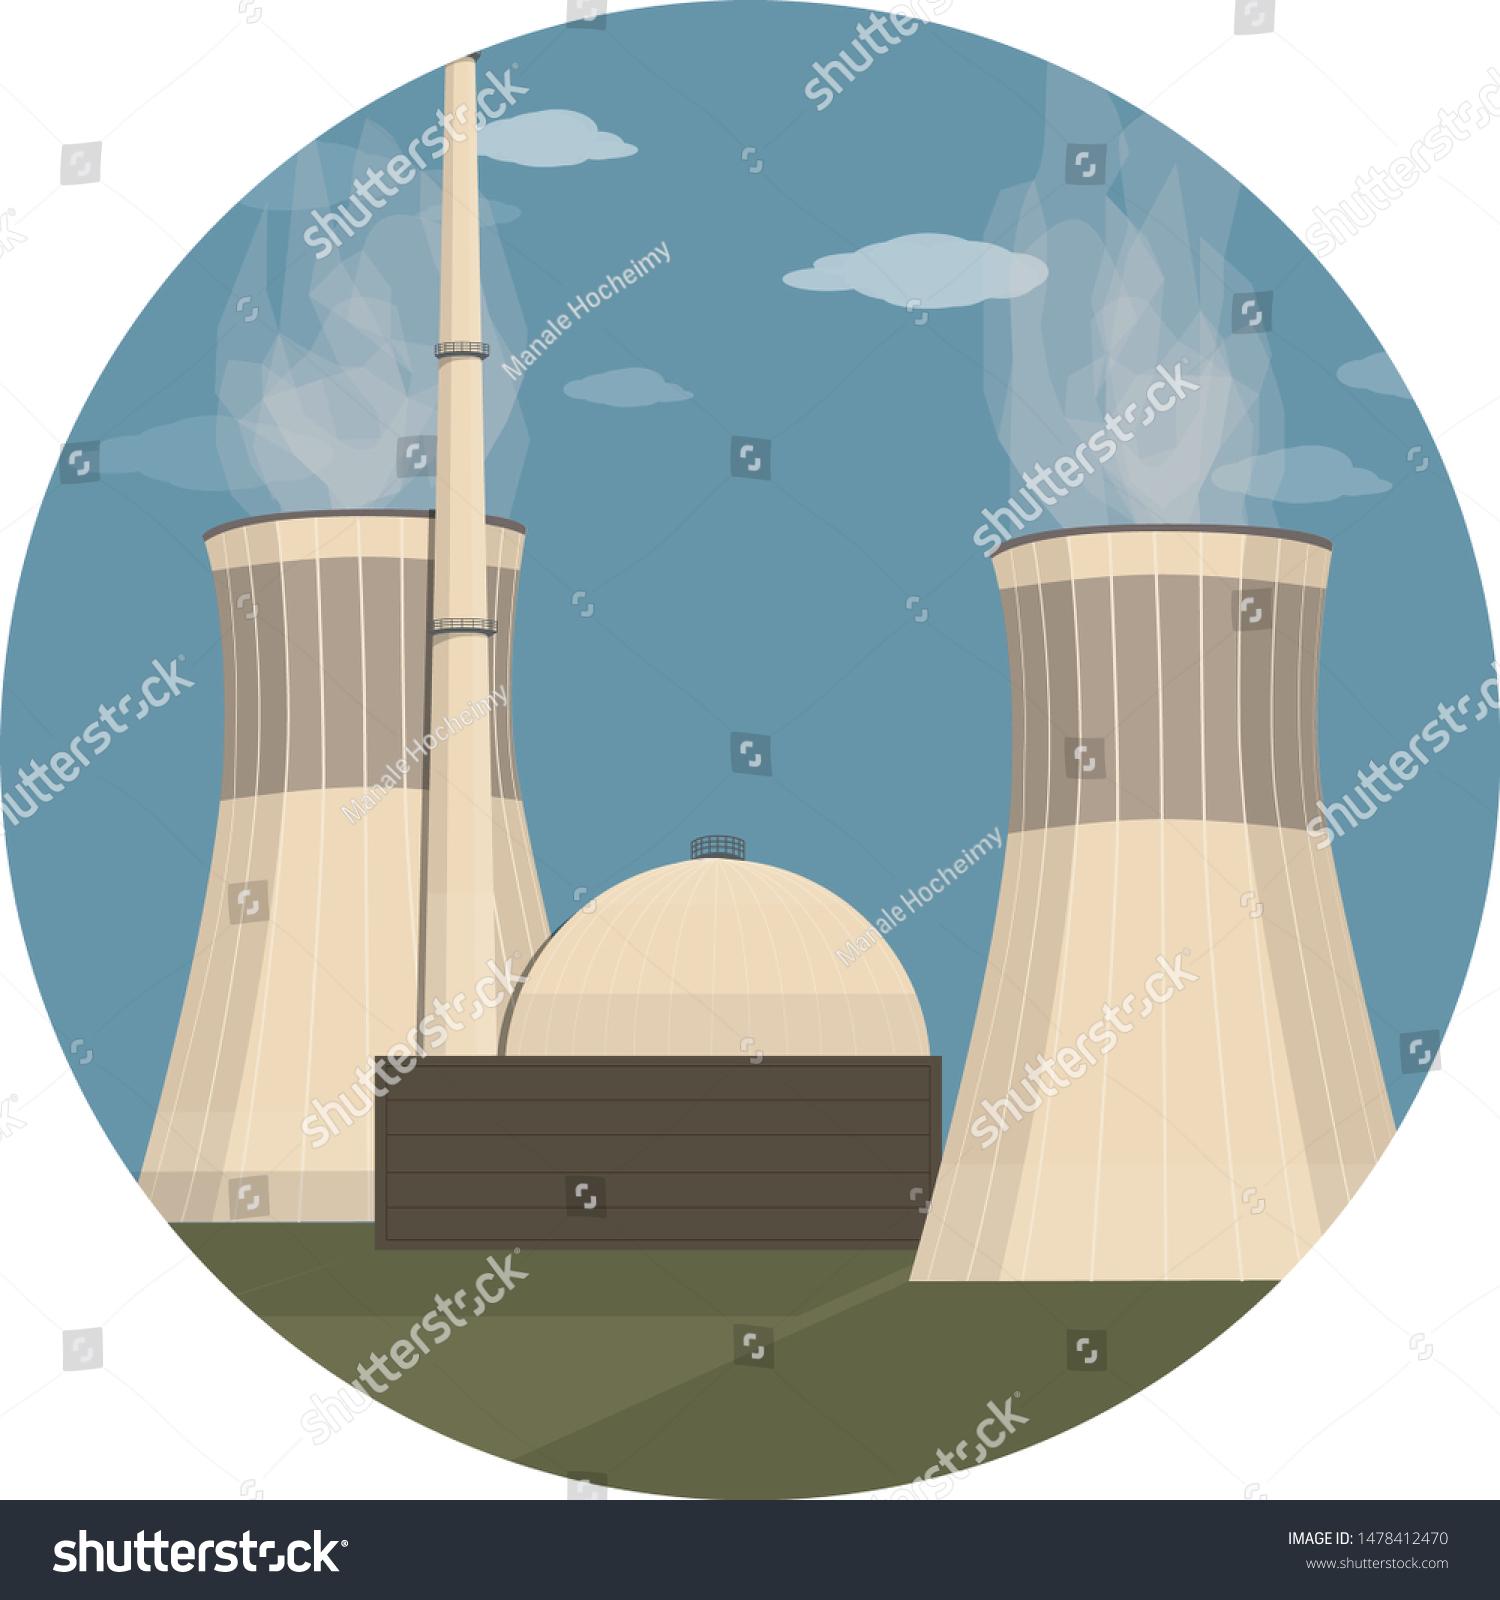 Vetor Stock De Nuclear Power Plant Energy Facility Power Livre De Direitos 1478412470